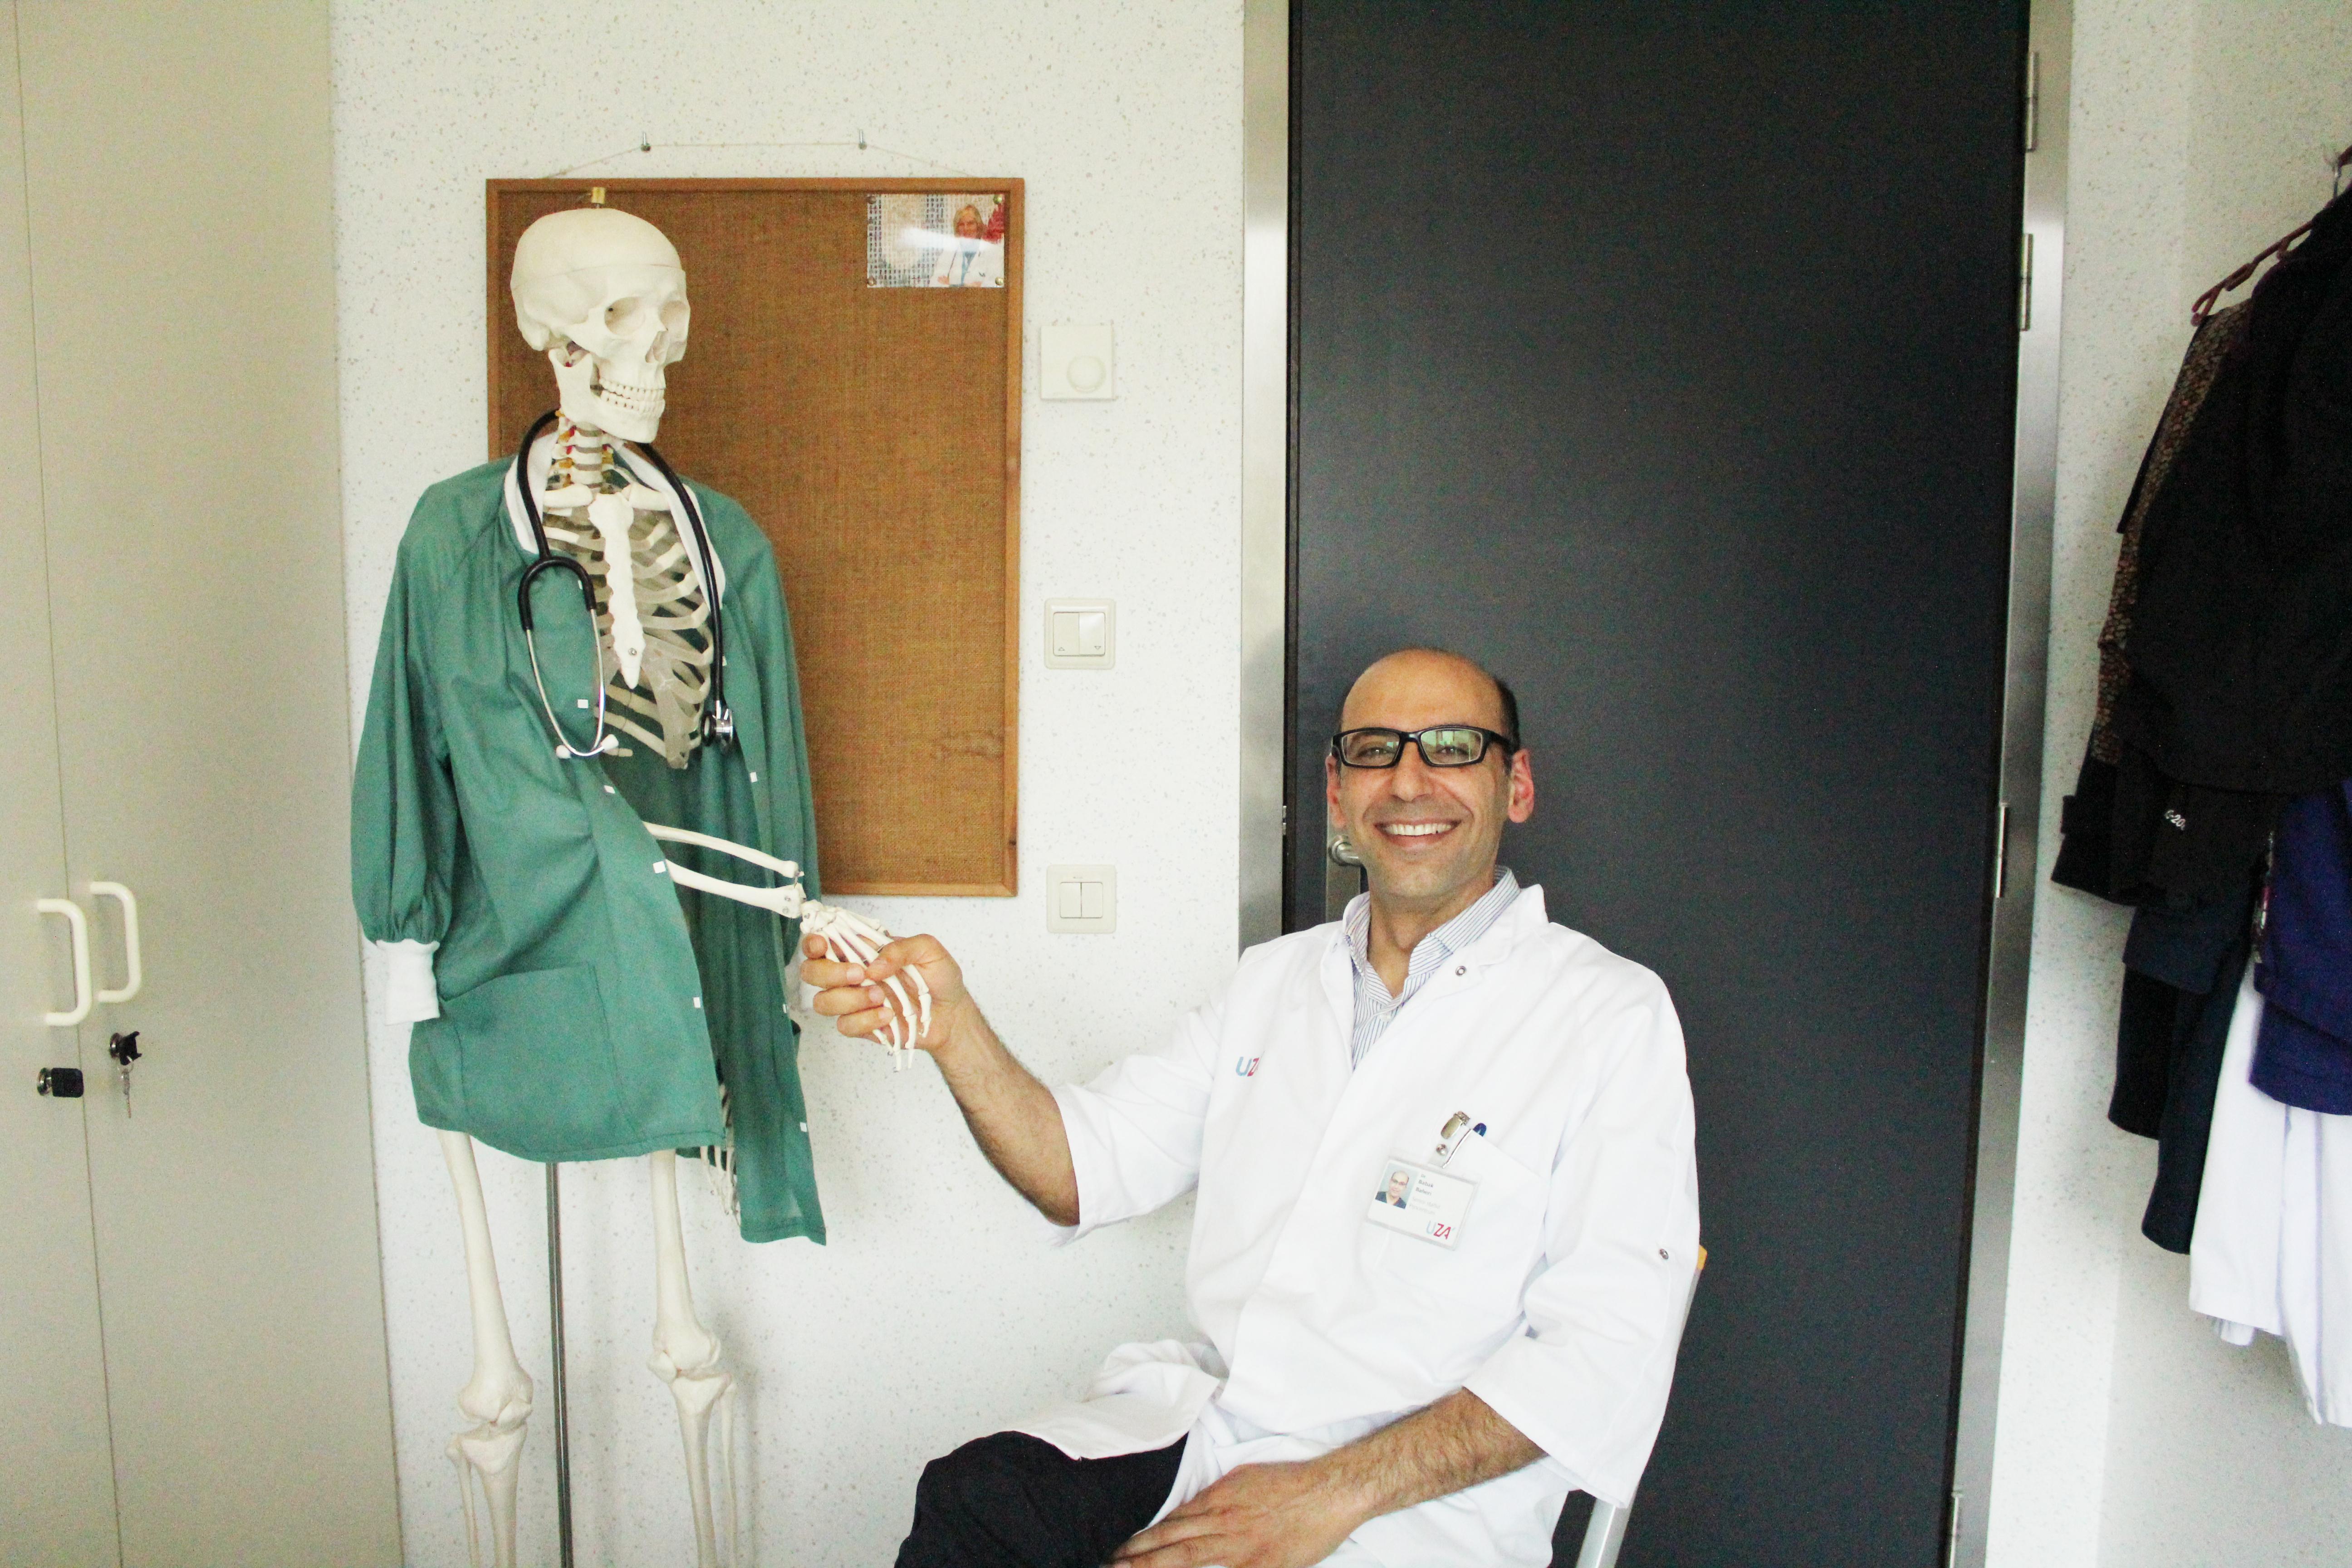 Dokter naast een skelet